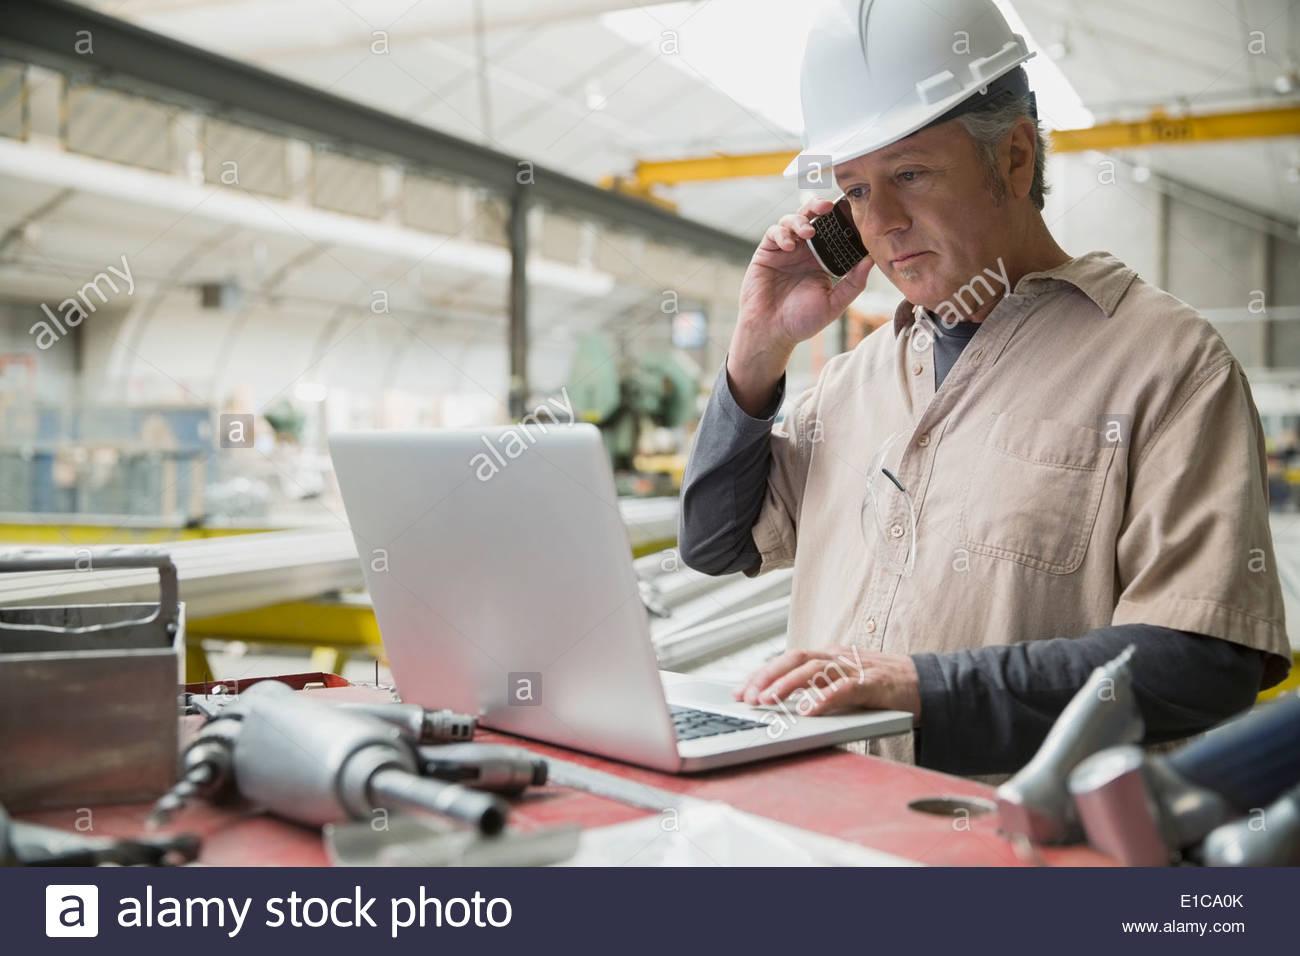 Lavoratore a laptop in impianto di produzione Immagini Stock